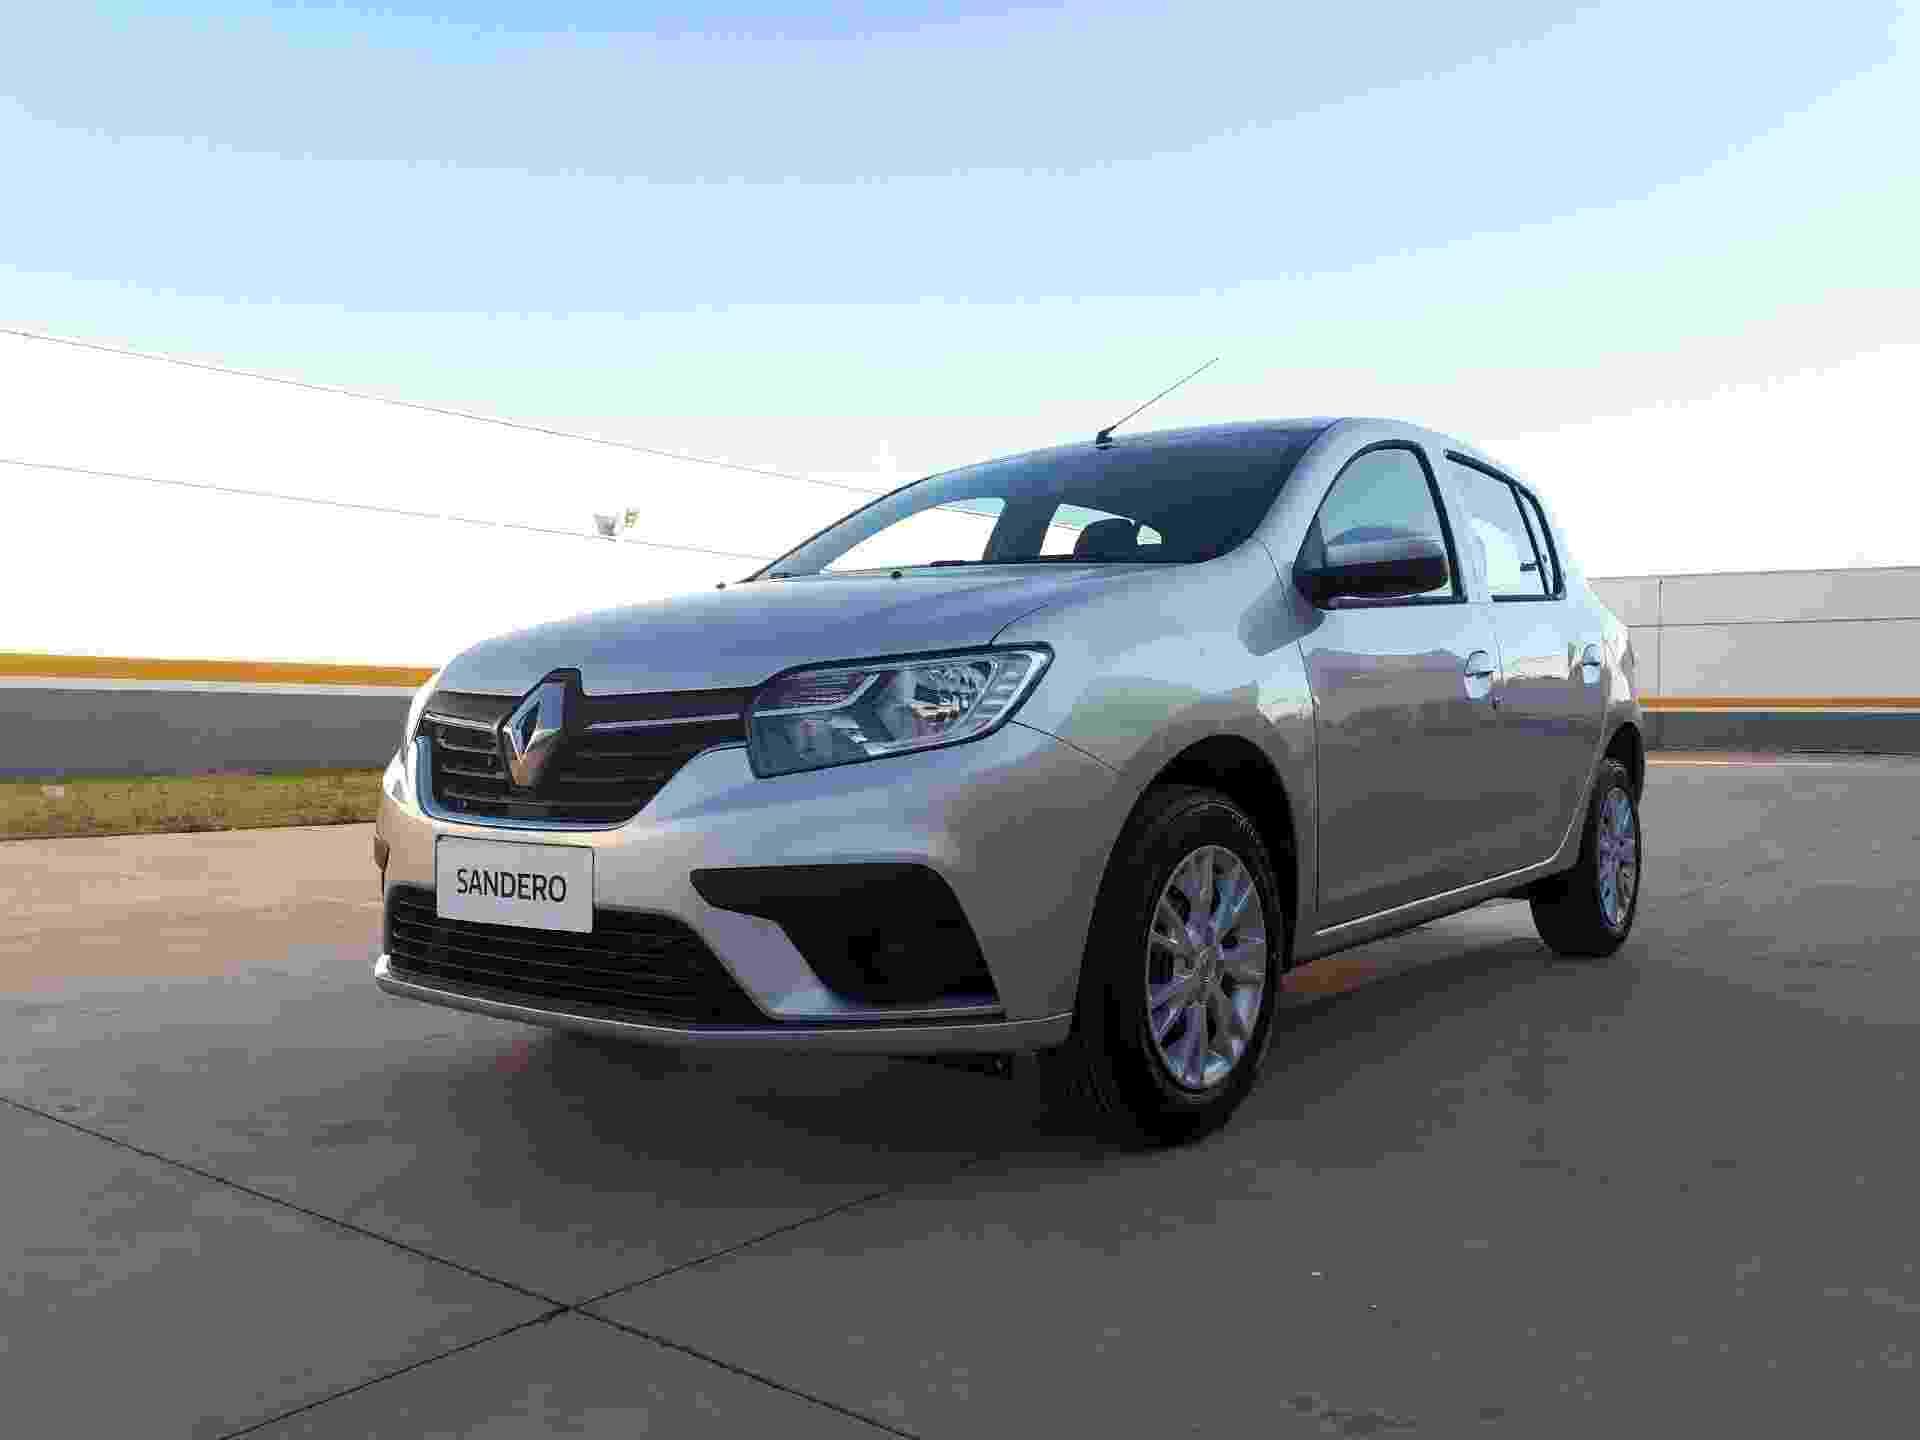 Renault Sandero Zen 1.0 2020 - Vitor Matsubara/UOL